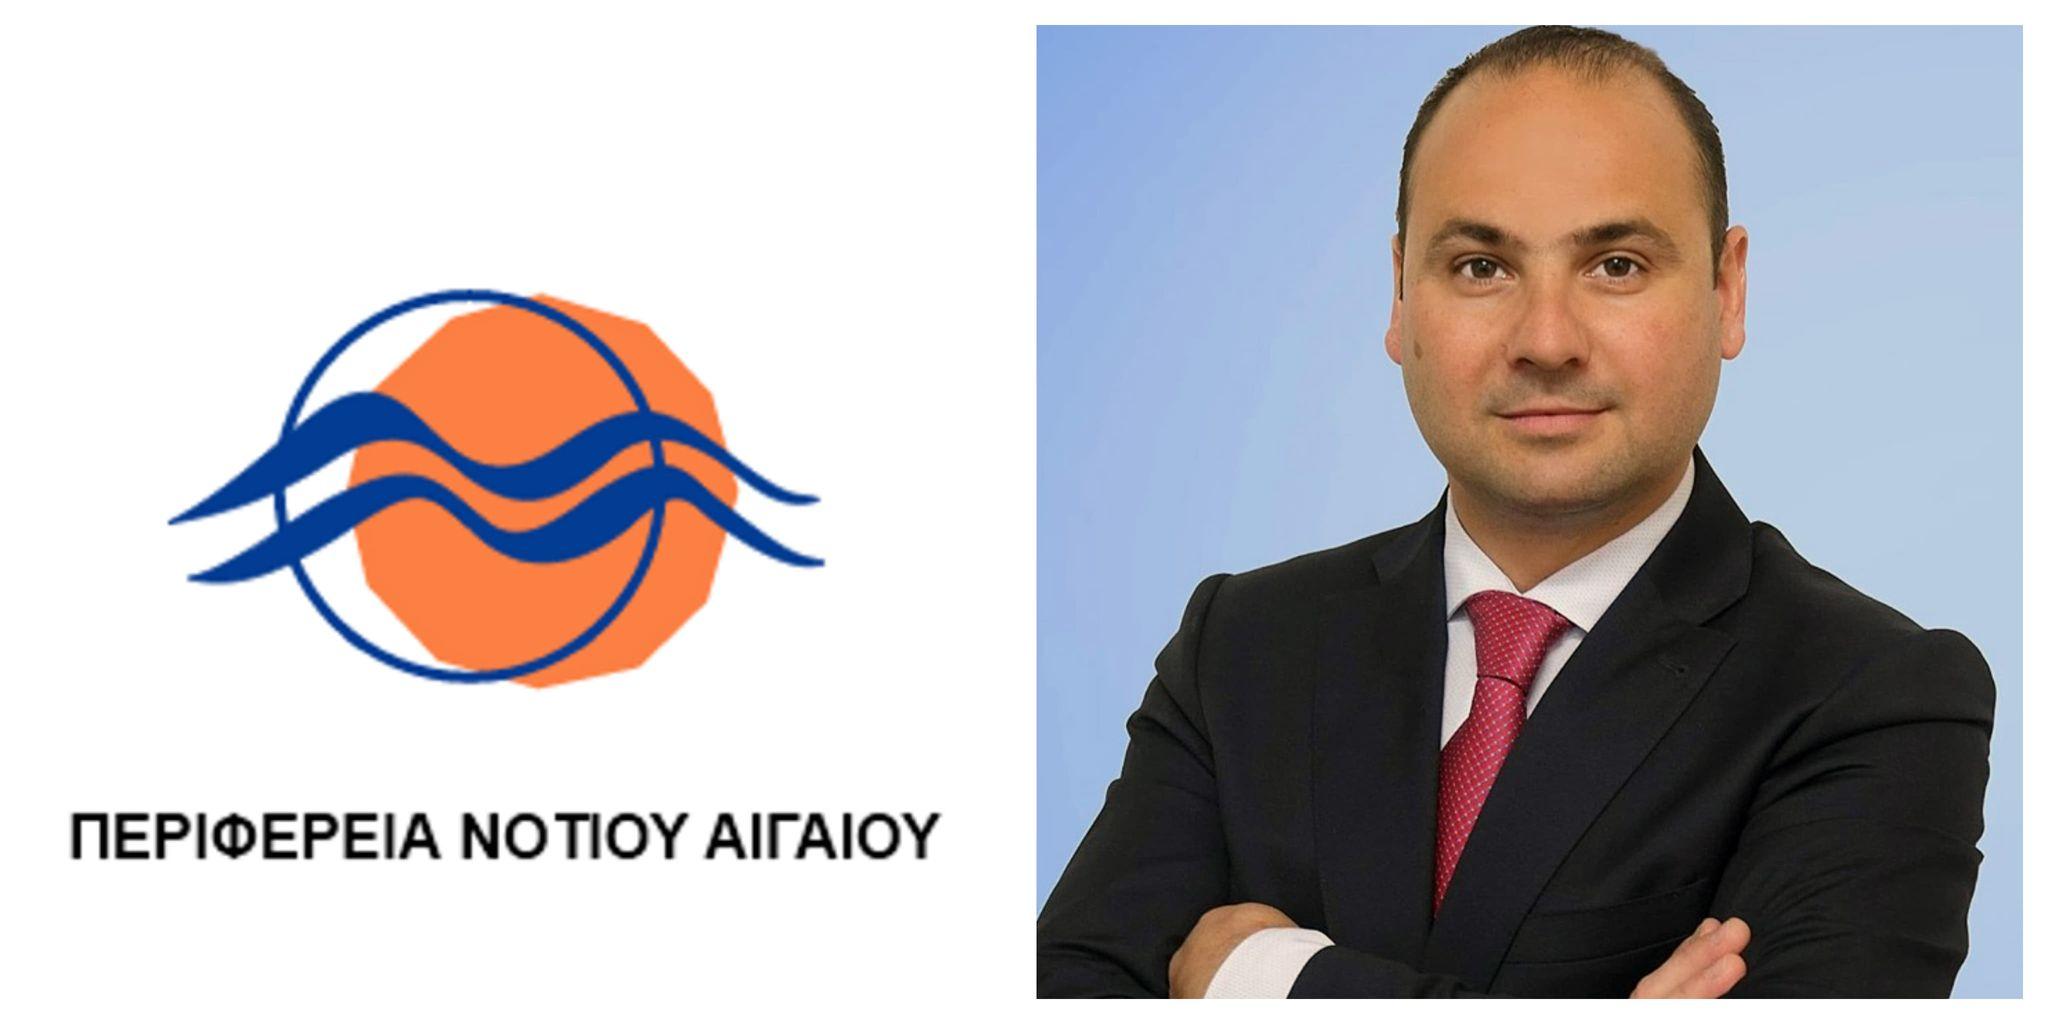 Νέο διοικητικό σχήμα για την Περιφέρεια Ν. Αιγαίου – Παραμένει Αντιπεριφερειάρχης Ενέργειας ο Δ. Λάσκαρης